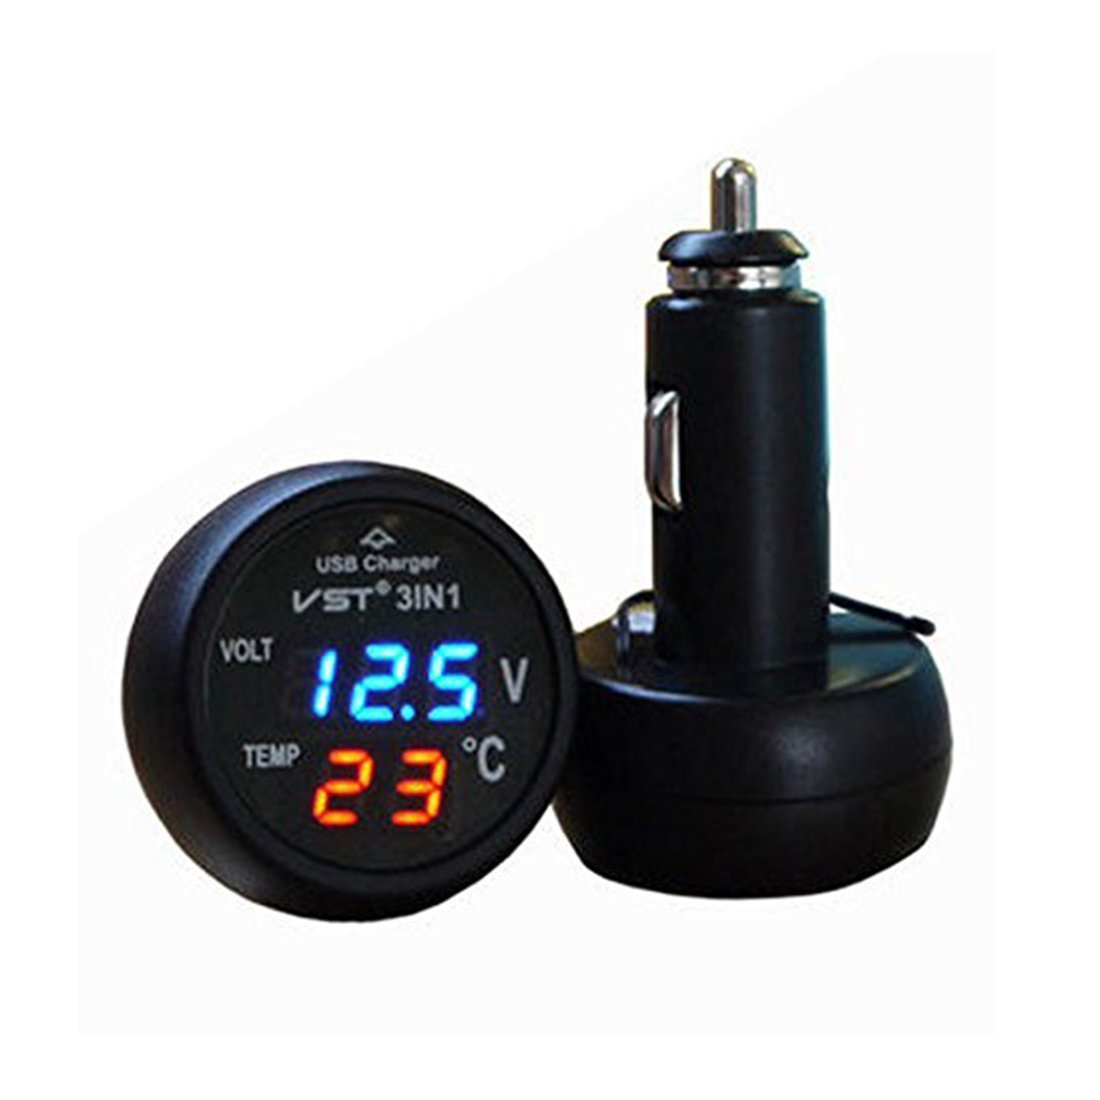 TOOGOO 3 dans-1 Voltmetre numerique Thermometre 12 / 24V Allume-cigare USB Chargeur de voiture (Affichage vert et rouge) 072517A2